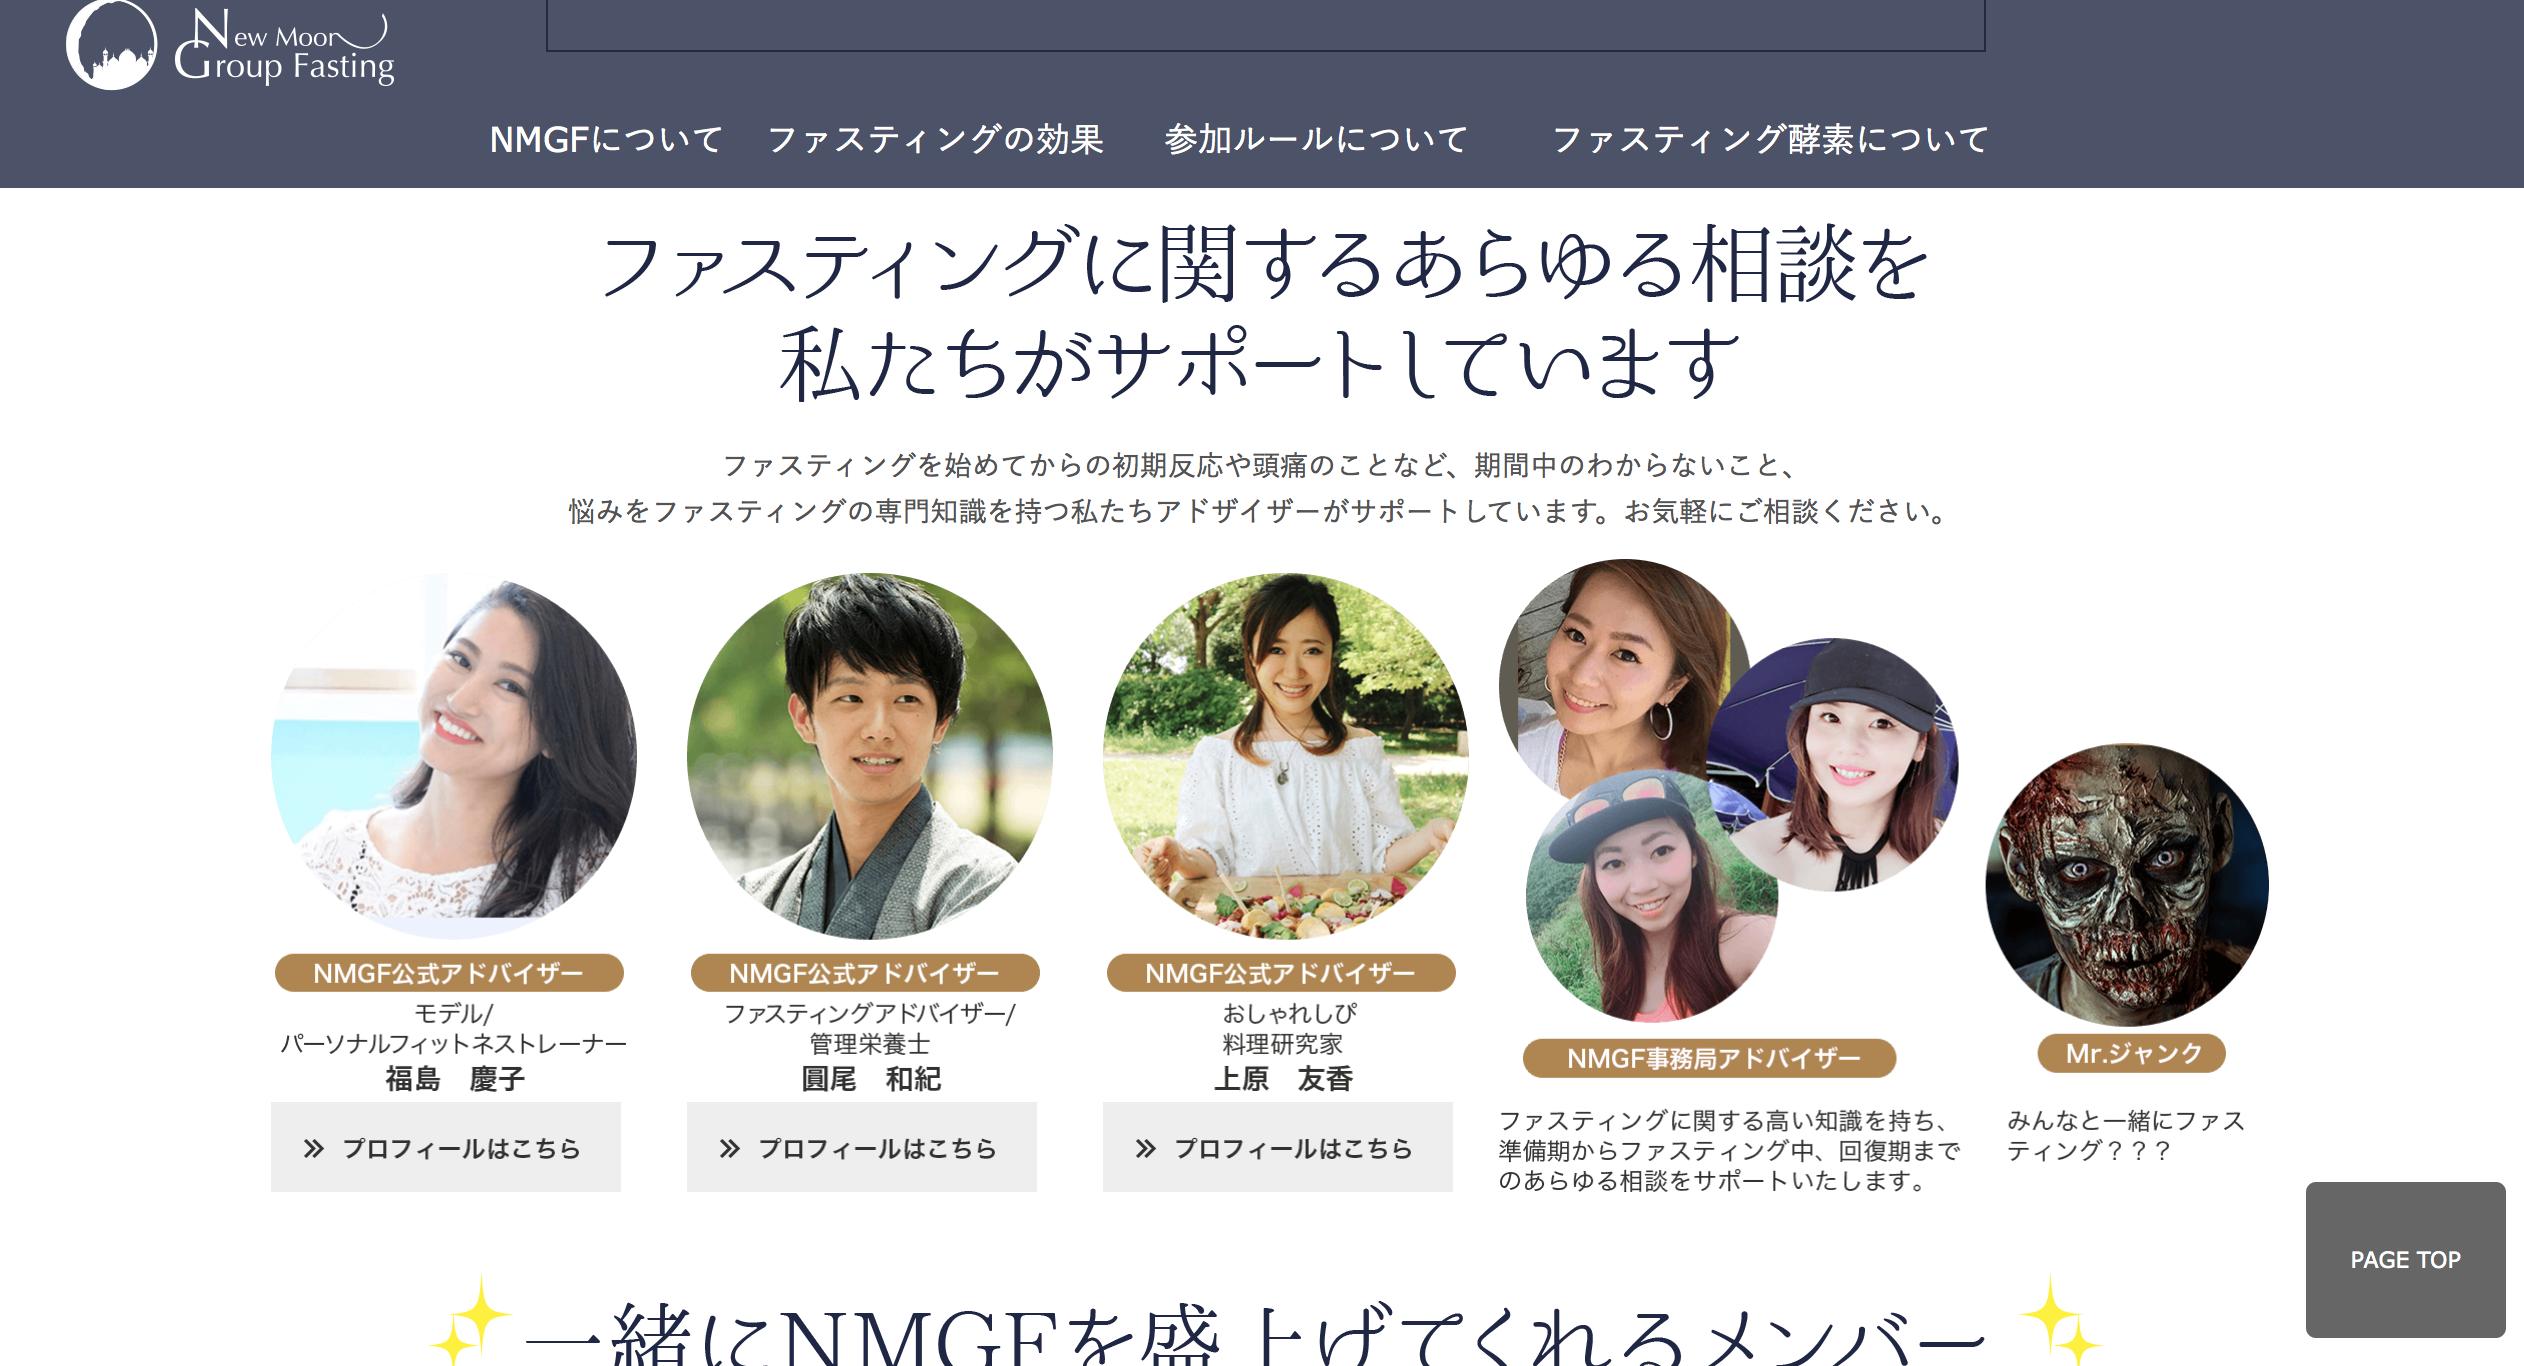 3000人合同ファスティング「NMGF」に公式アドバイザーとして参加します!